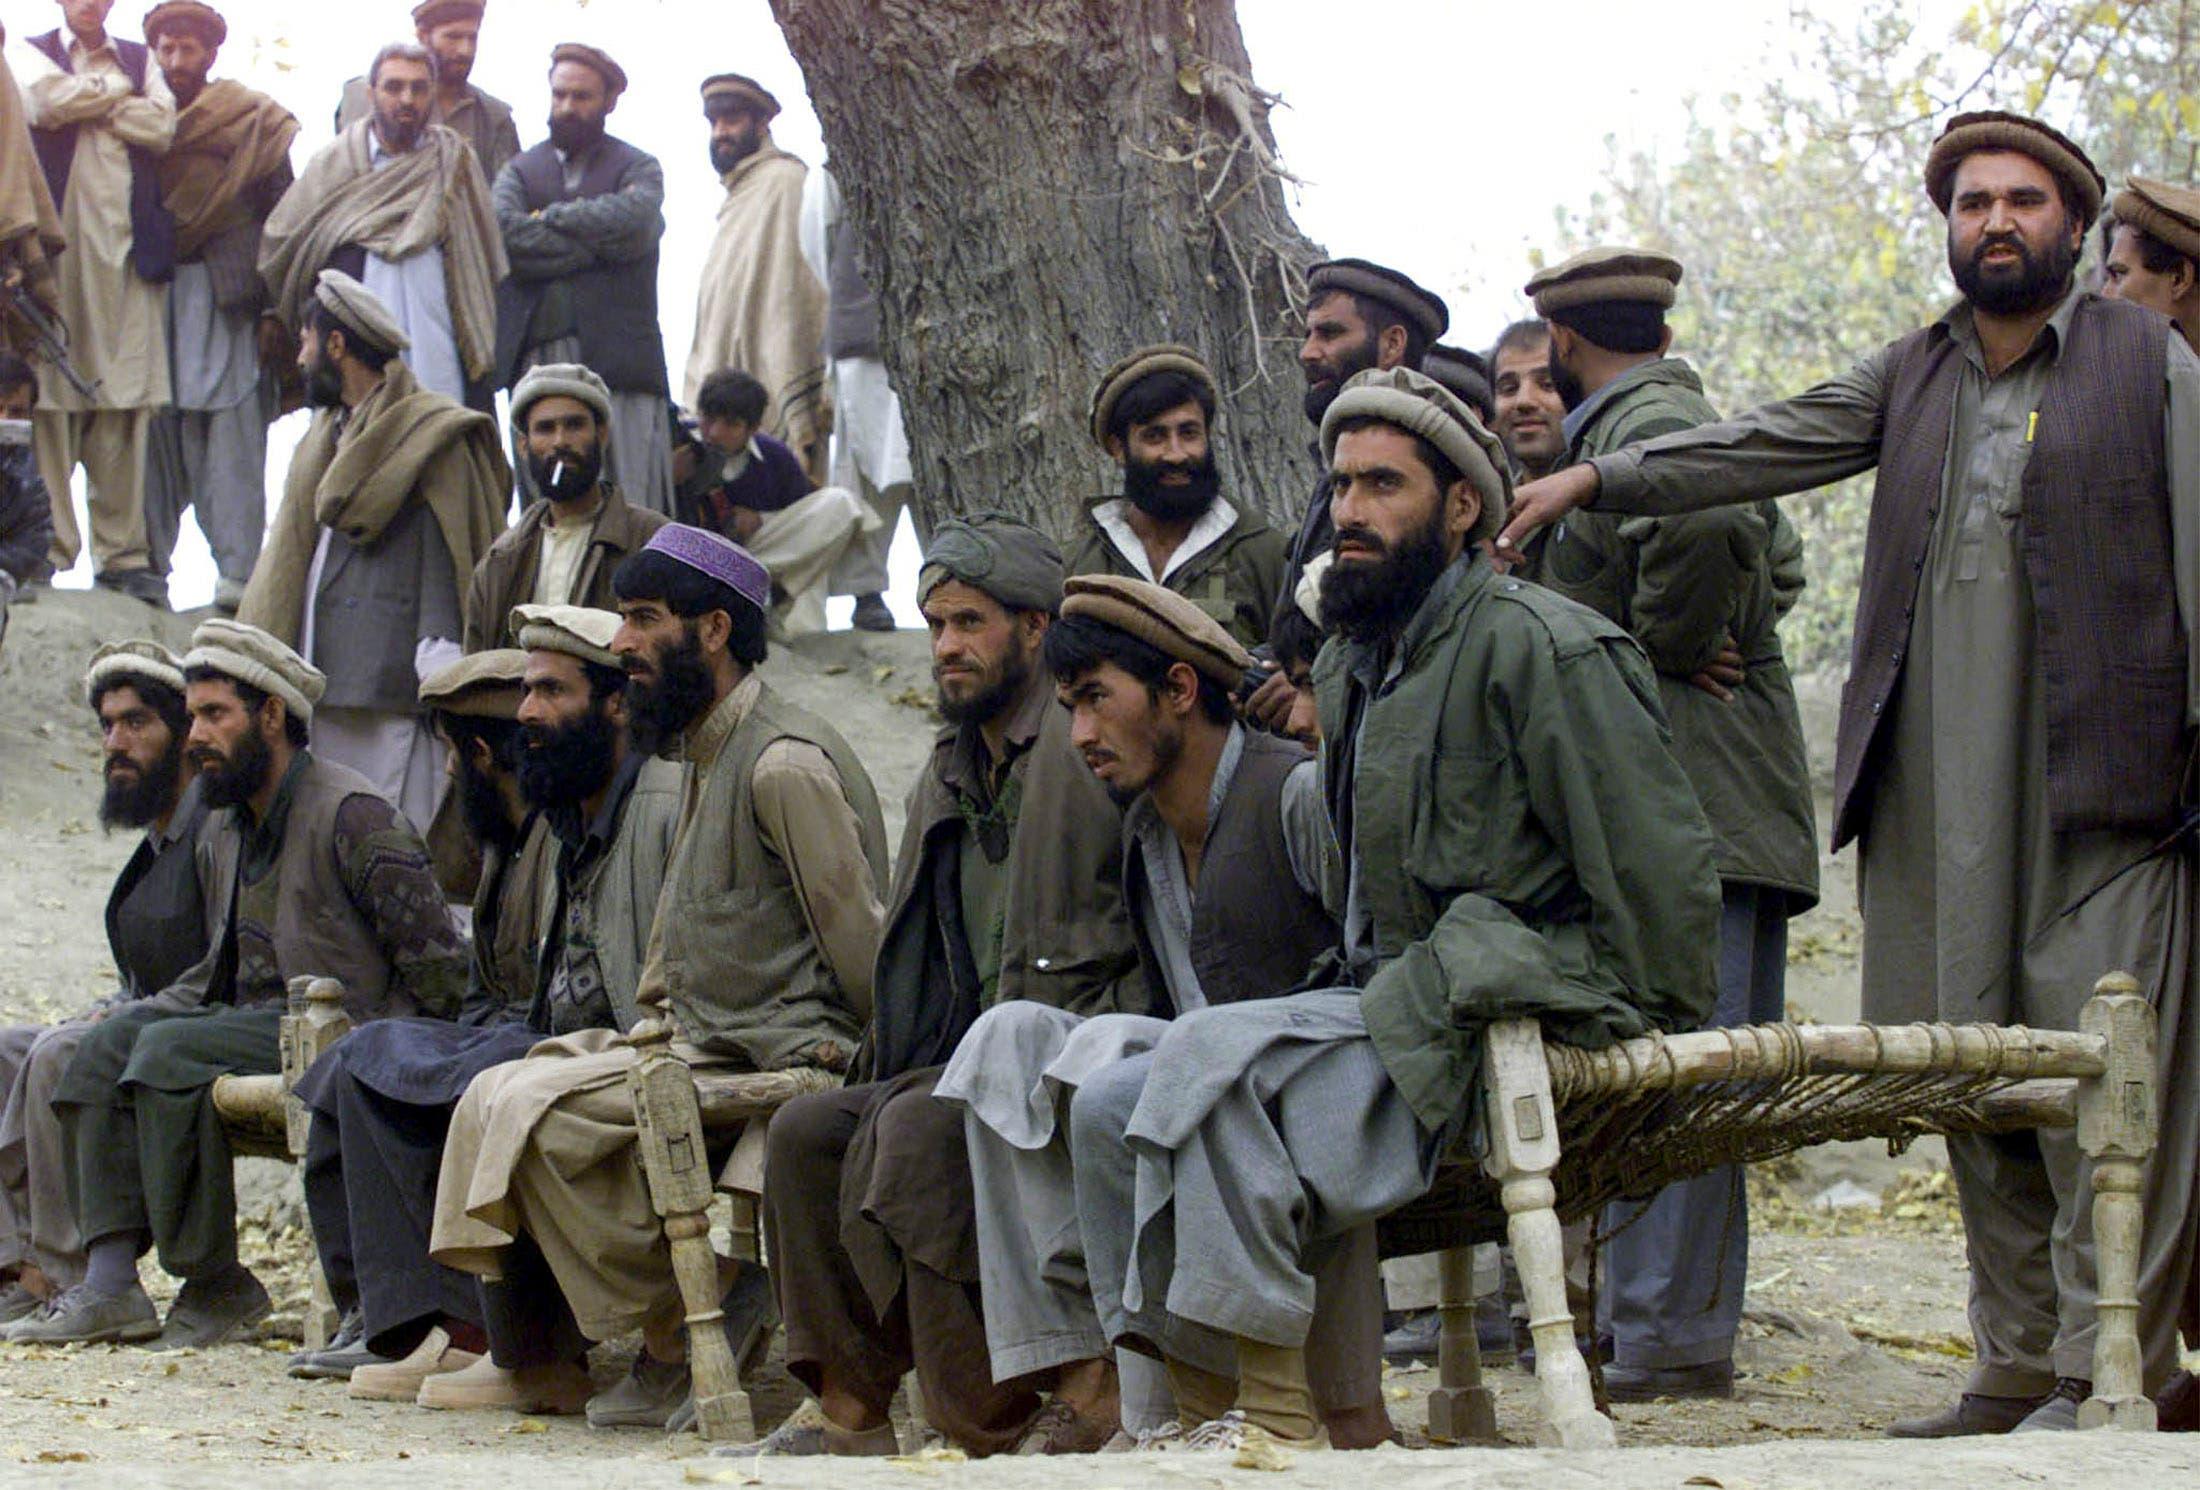 عناصر معتقلون من القاعدة عام 2011 (رويترز)